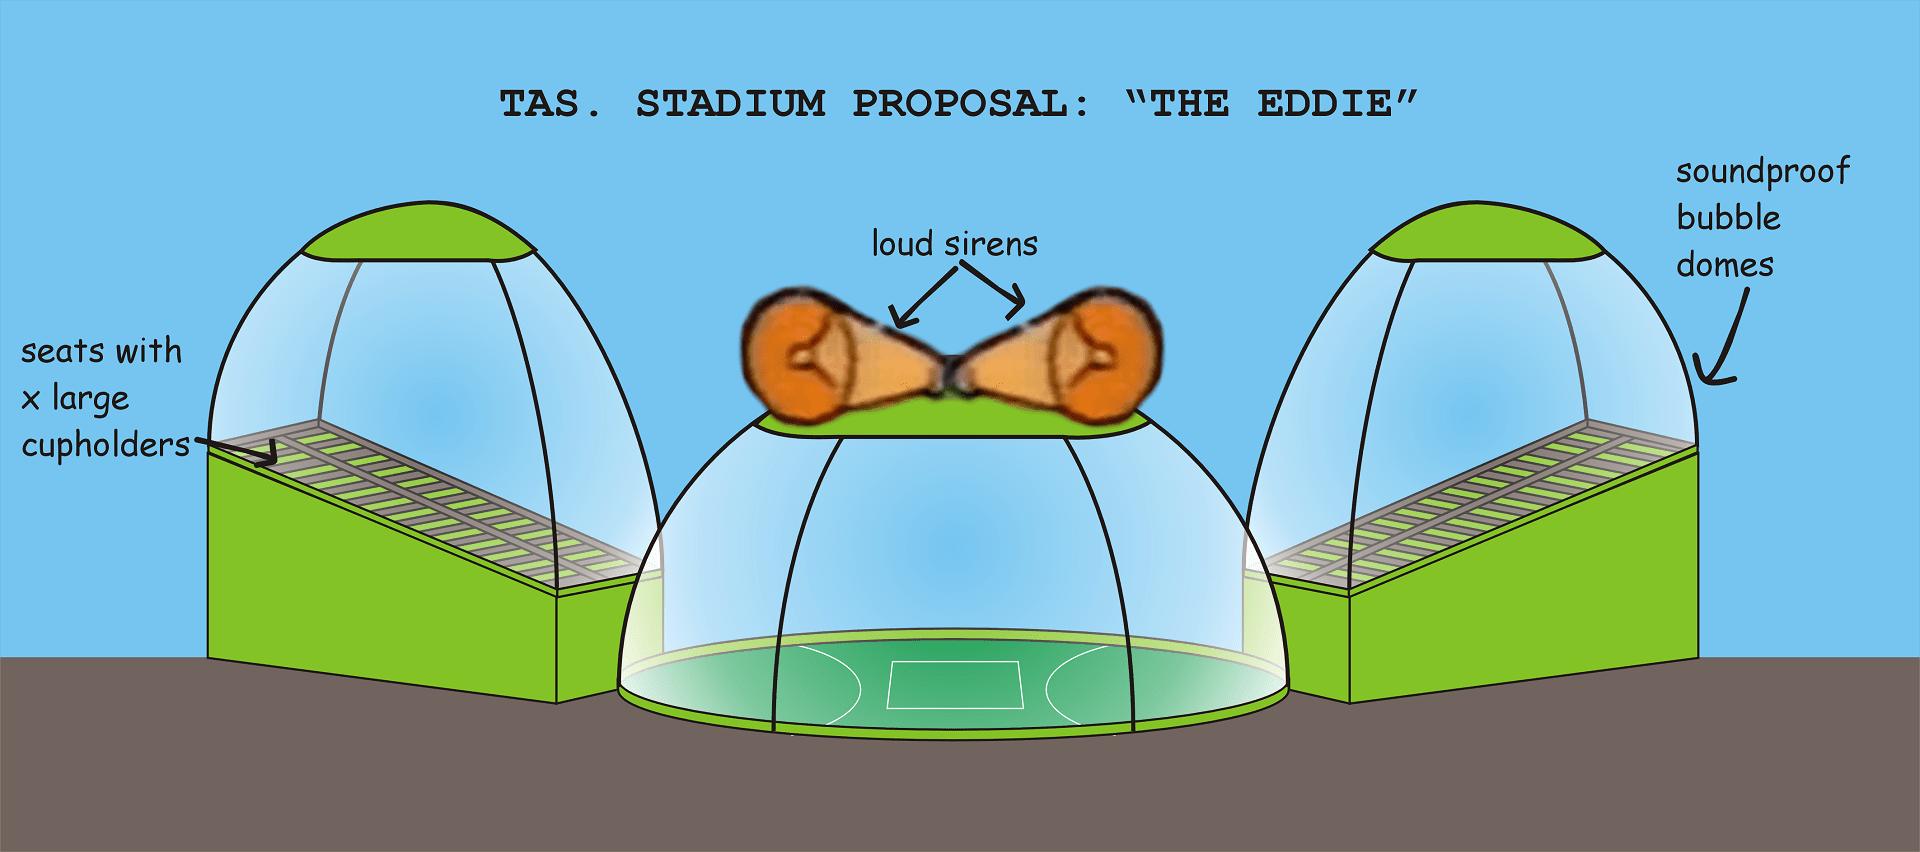 EddiesStadium.png